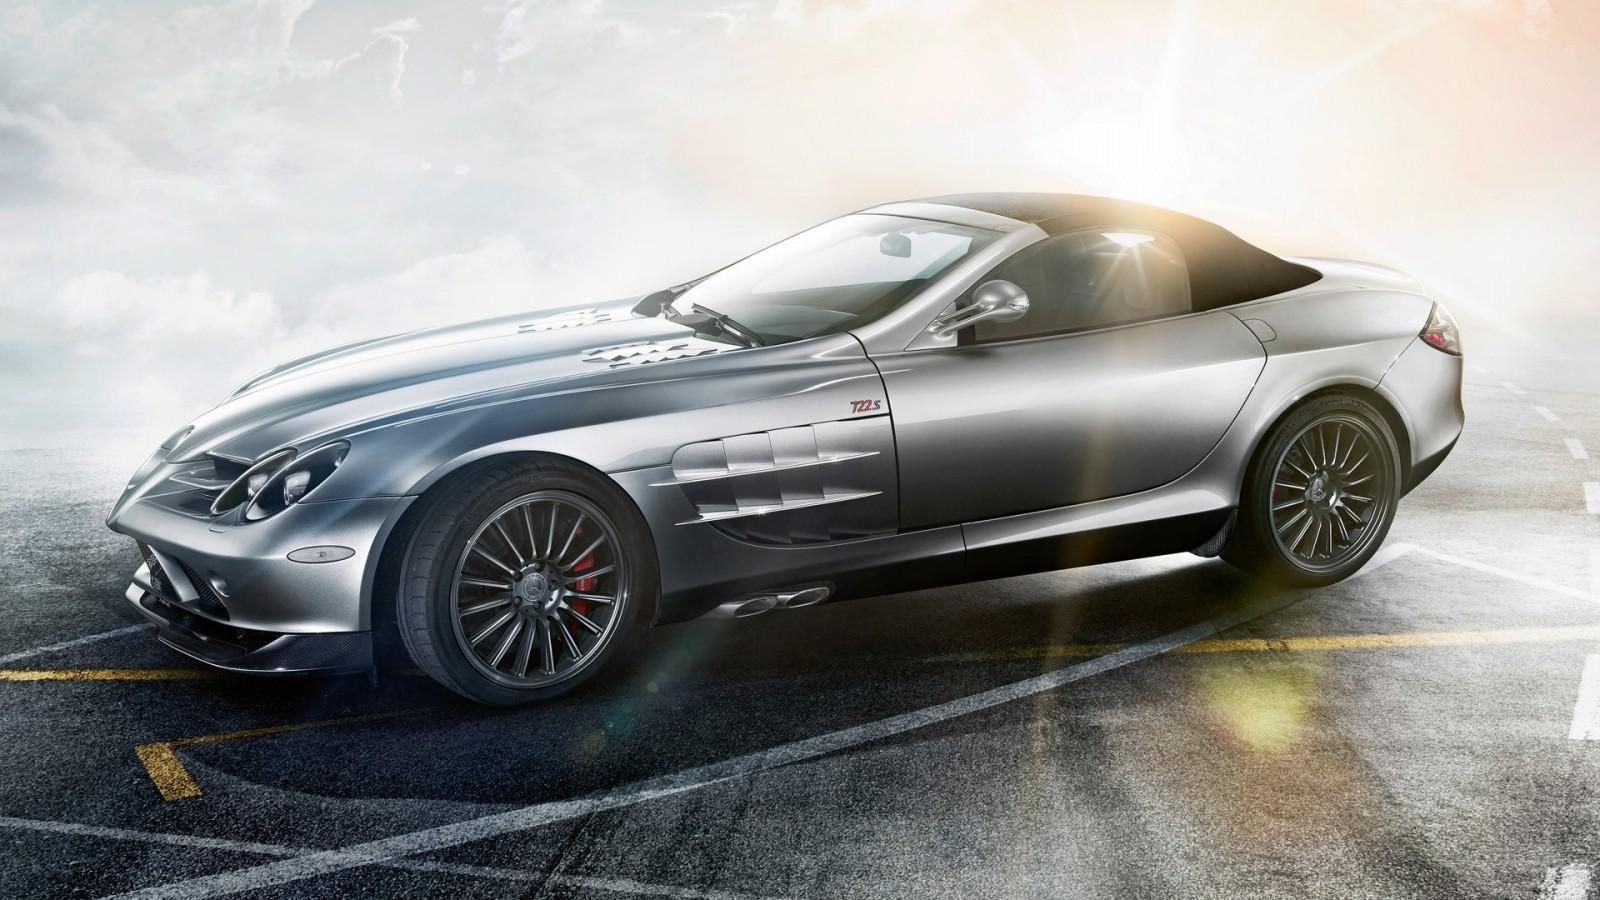 Mercedes benz slr mclaren 2012 cars for Mercedes benz n